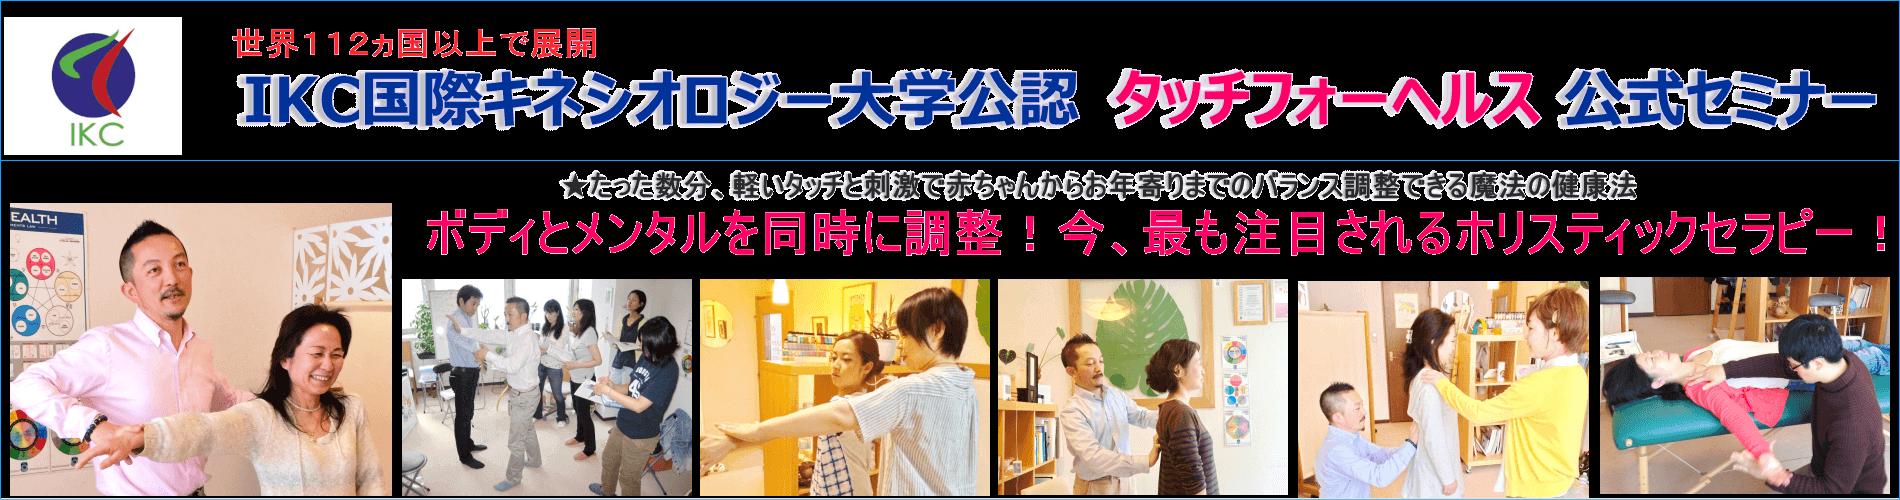 タッチフォーヘルス キネシオロジー セミナー 東京 神奈川